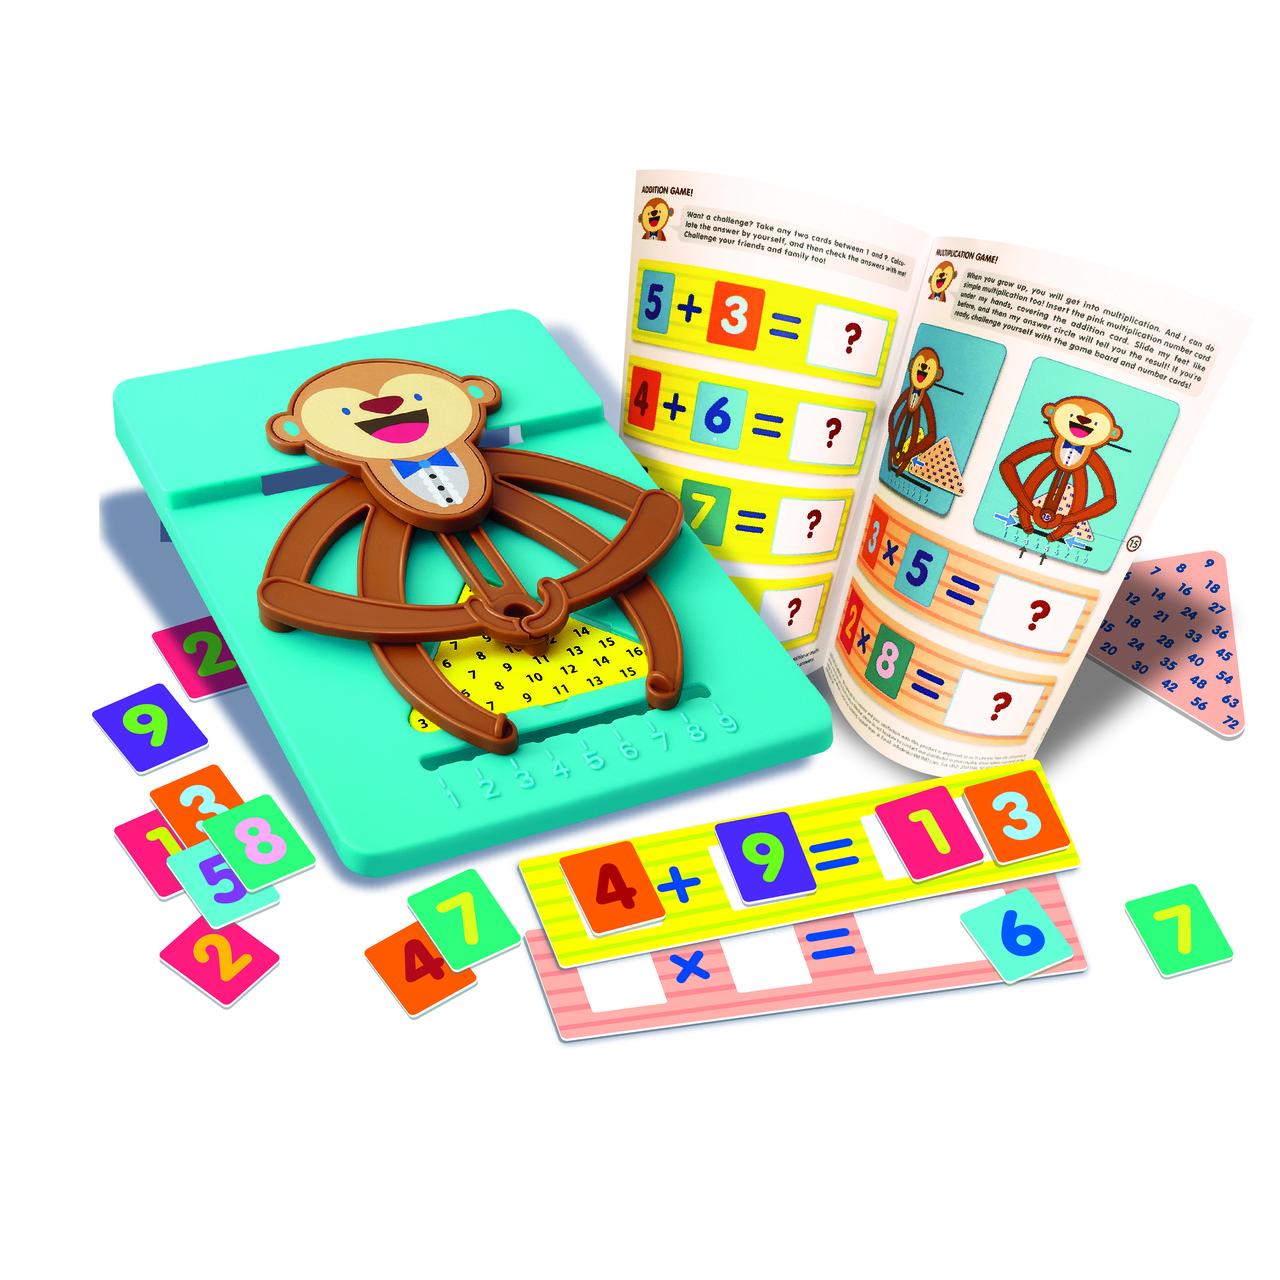 STEAM-набор 4М Обезьянка-математик сложение, умножение, арифметика для детей от 4-х лет 4М